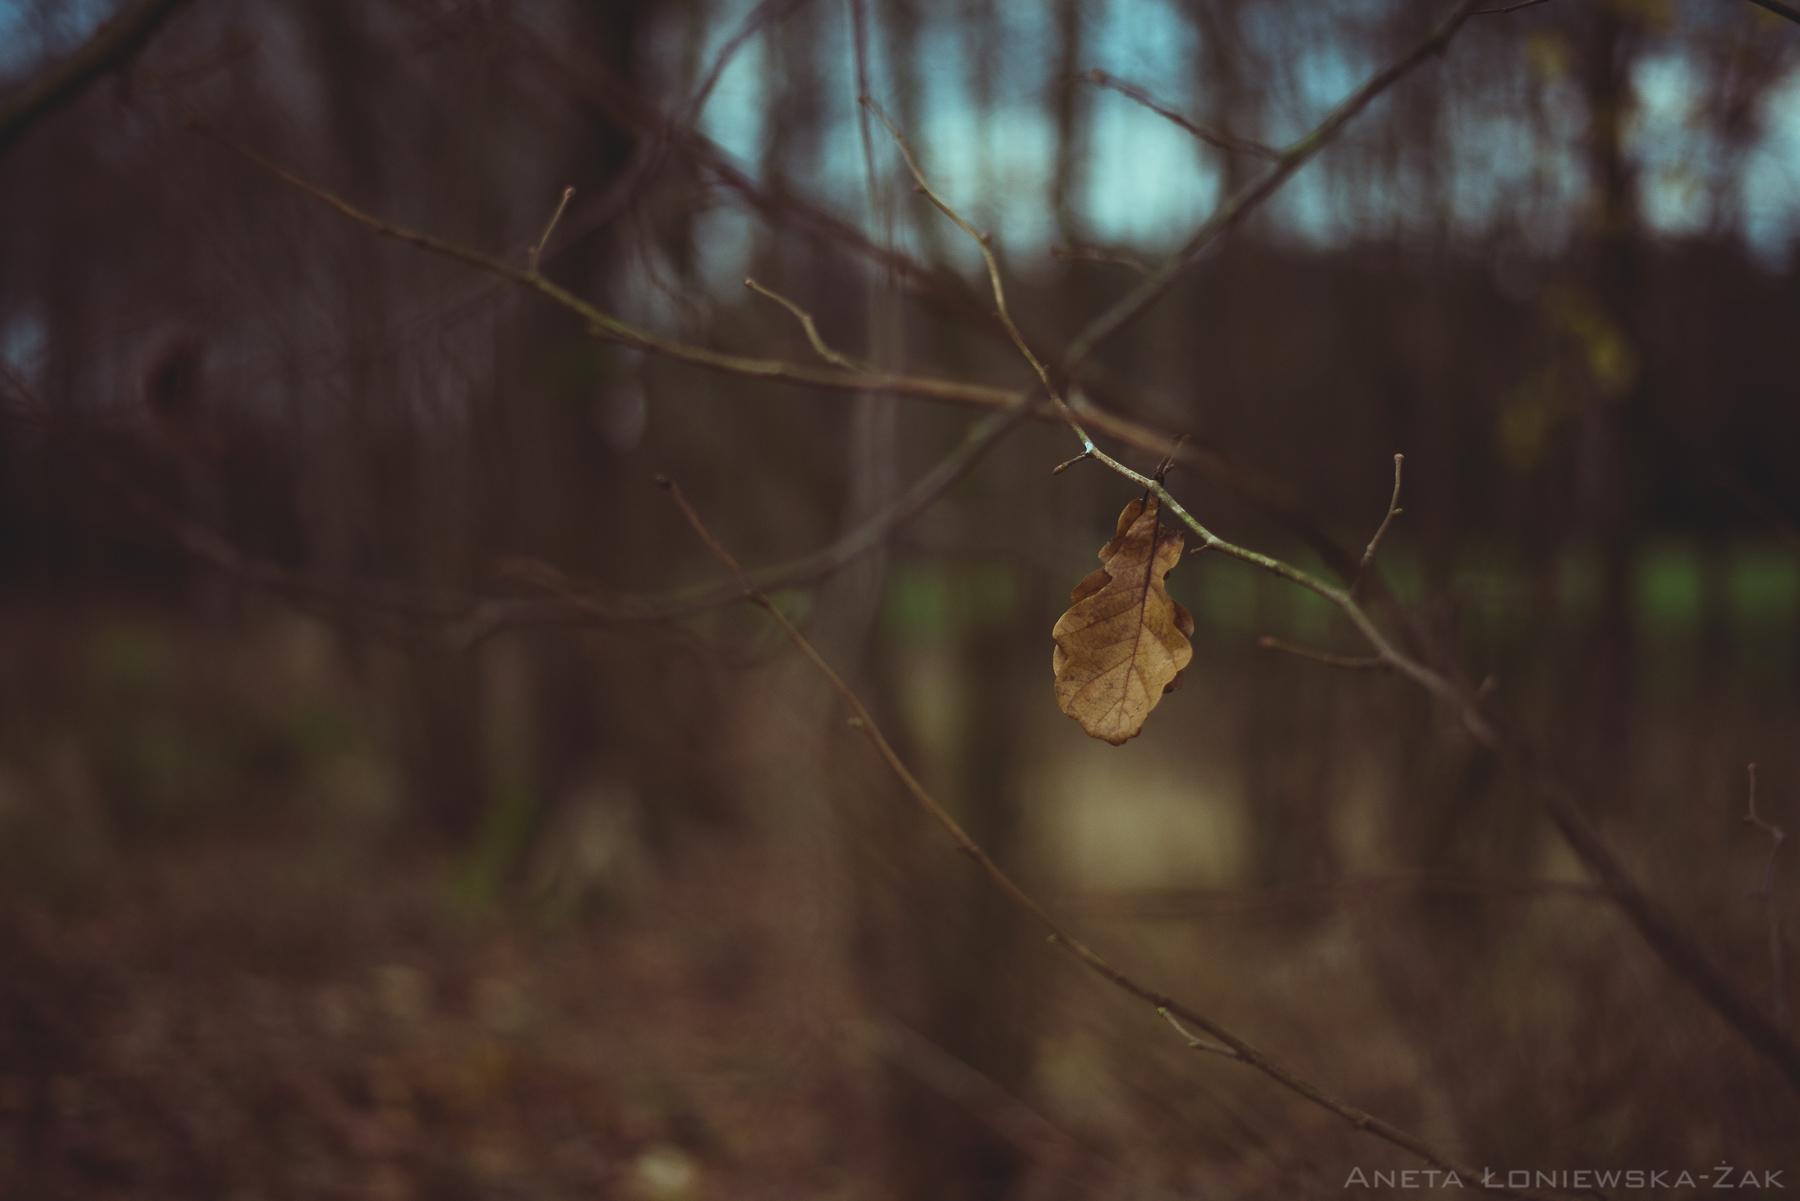 fotografia przyrodnicza, puszcza knyszyńska, podlasie, pkpk, liść dębu